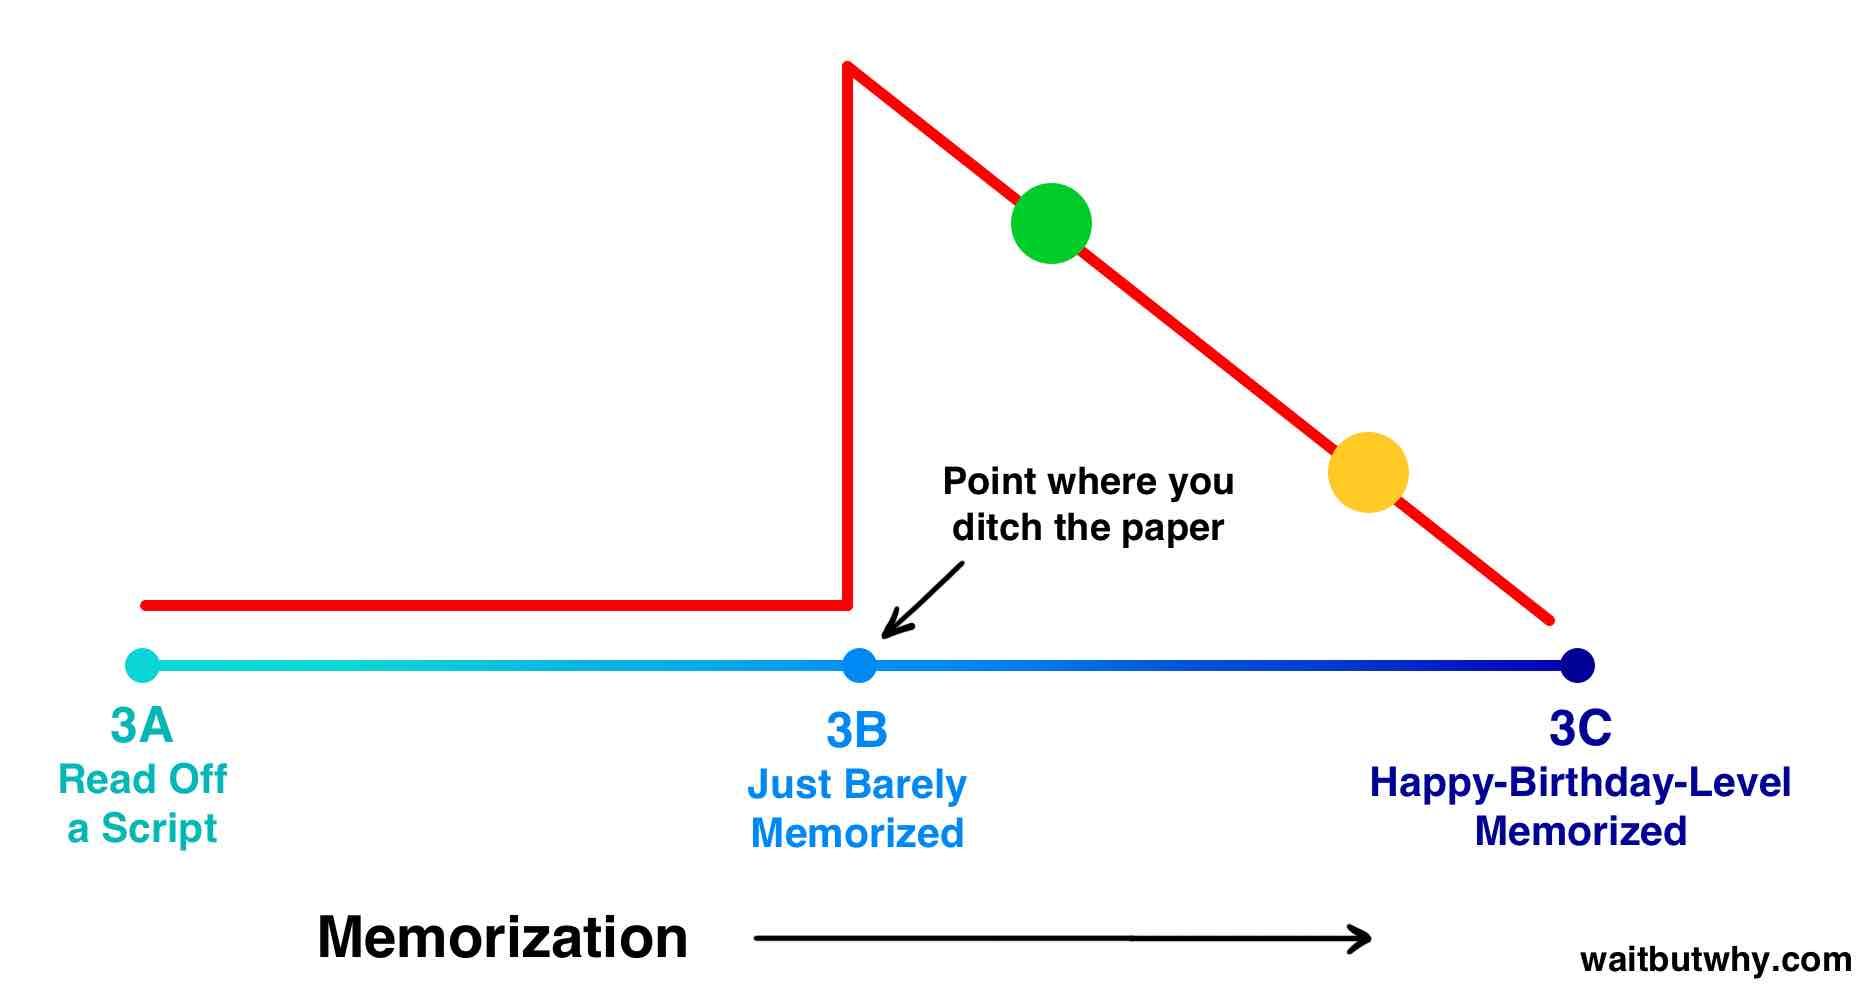 Memorization risk graph 5